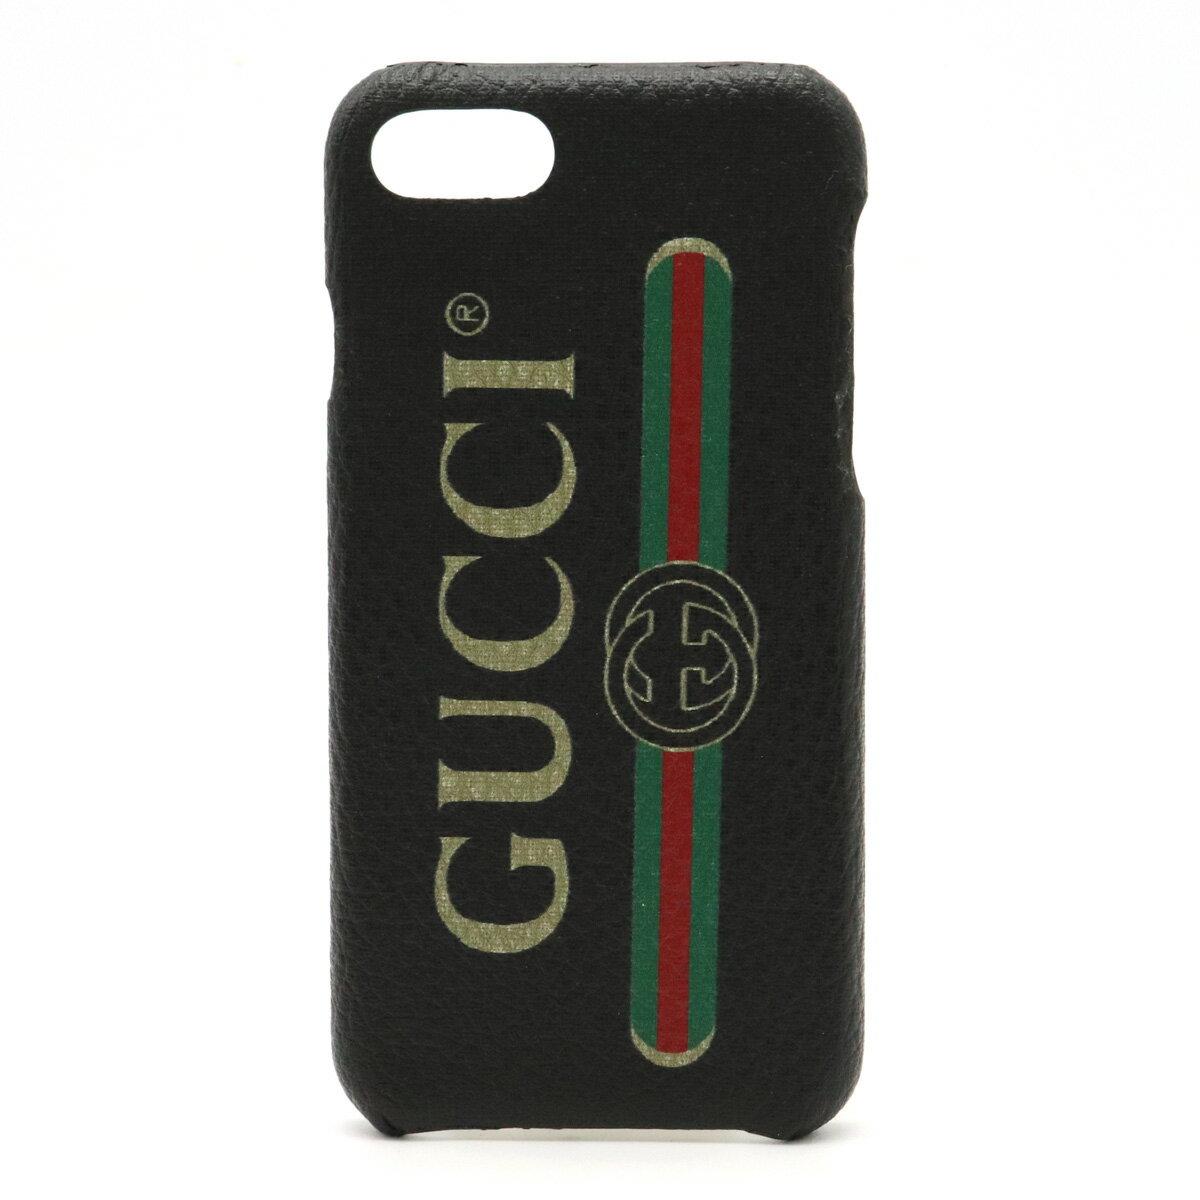 スマートフォン・携帯電話アクセサリー, ケース・カバー GUCCI iPhone7 iPhone8 iPhone 549078